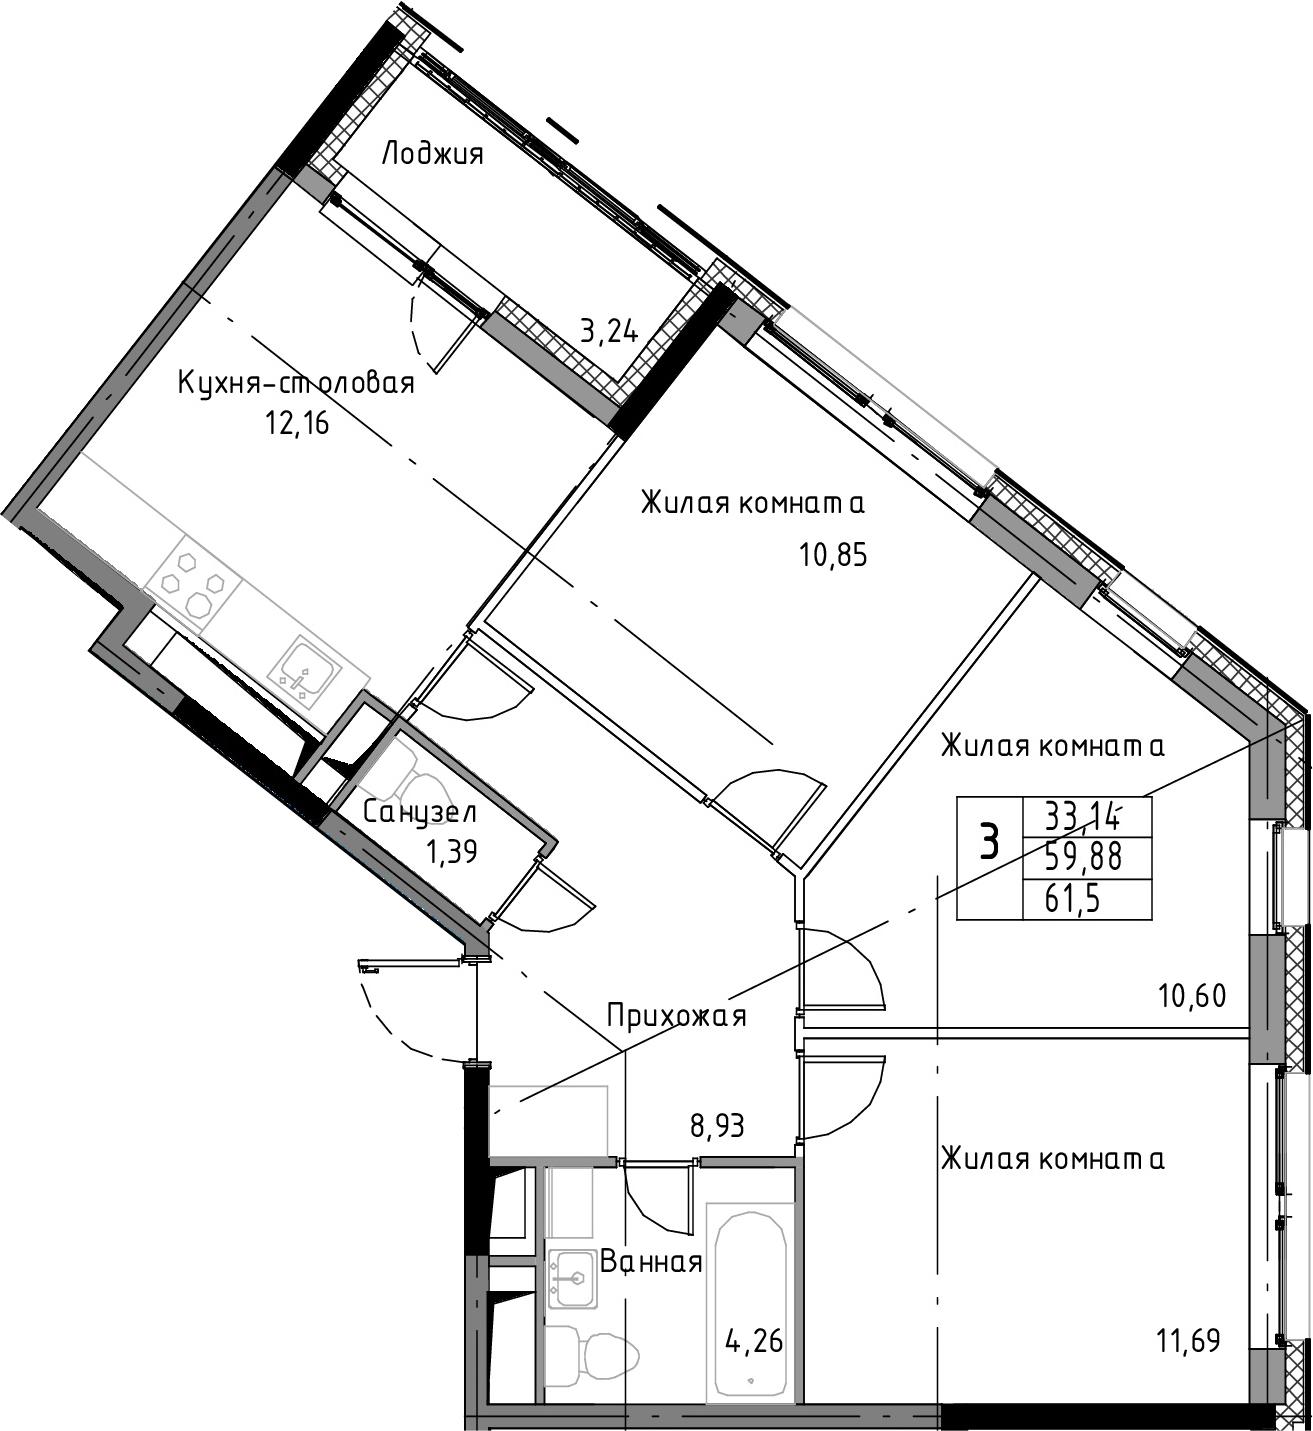 3-комнатная квартира, 61.5 м², 11 этаж – Планировка